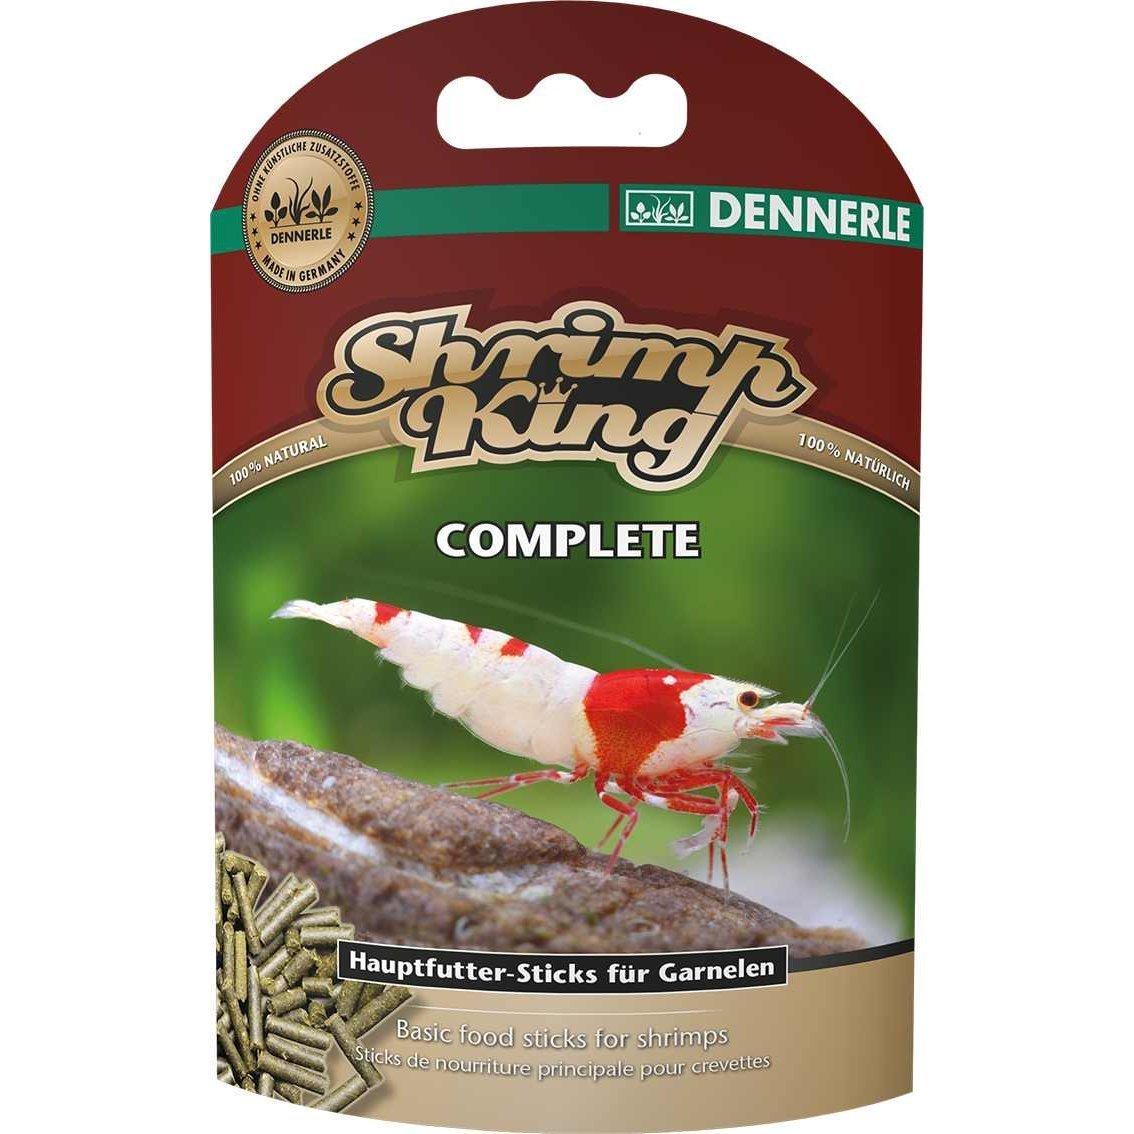 Dennerle Shrimp King Complete, Bild 4